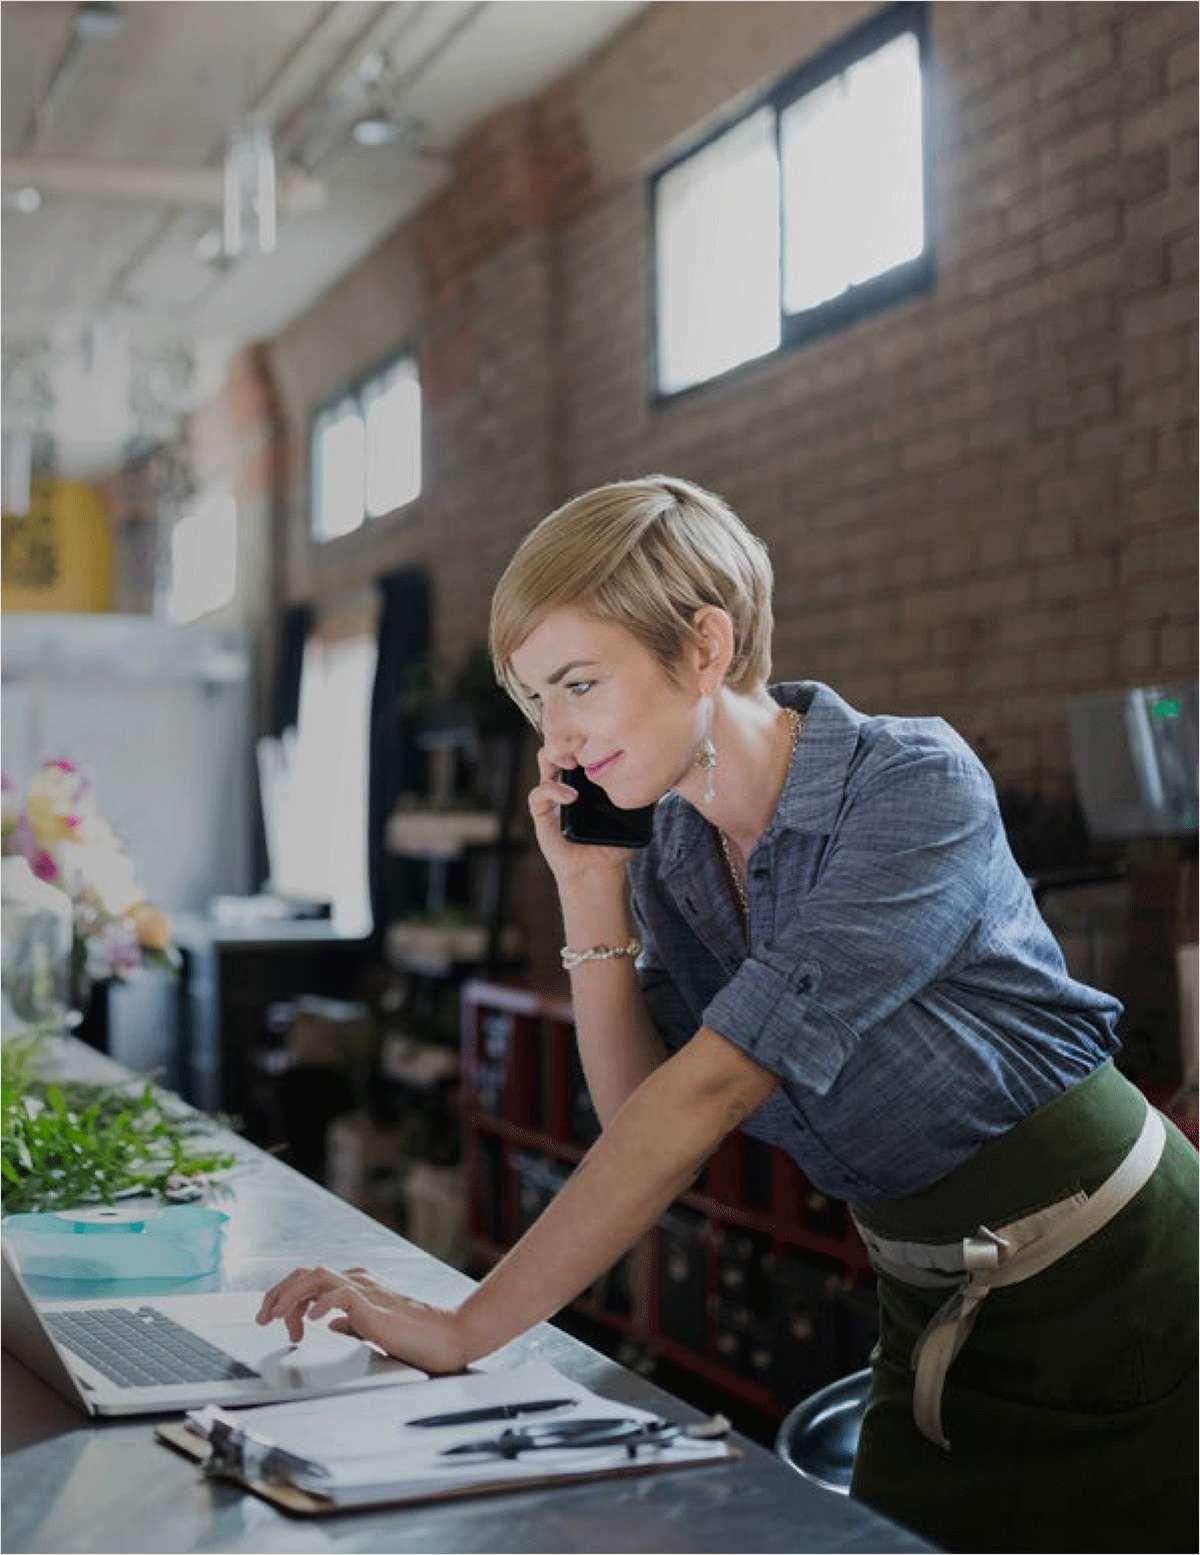 Wettbewerbsvorteile durch eine moderne Customer Experience